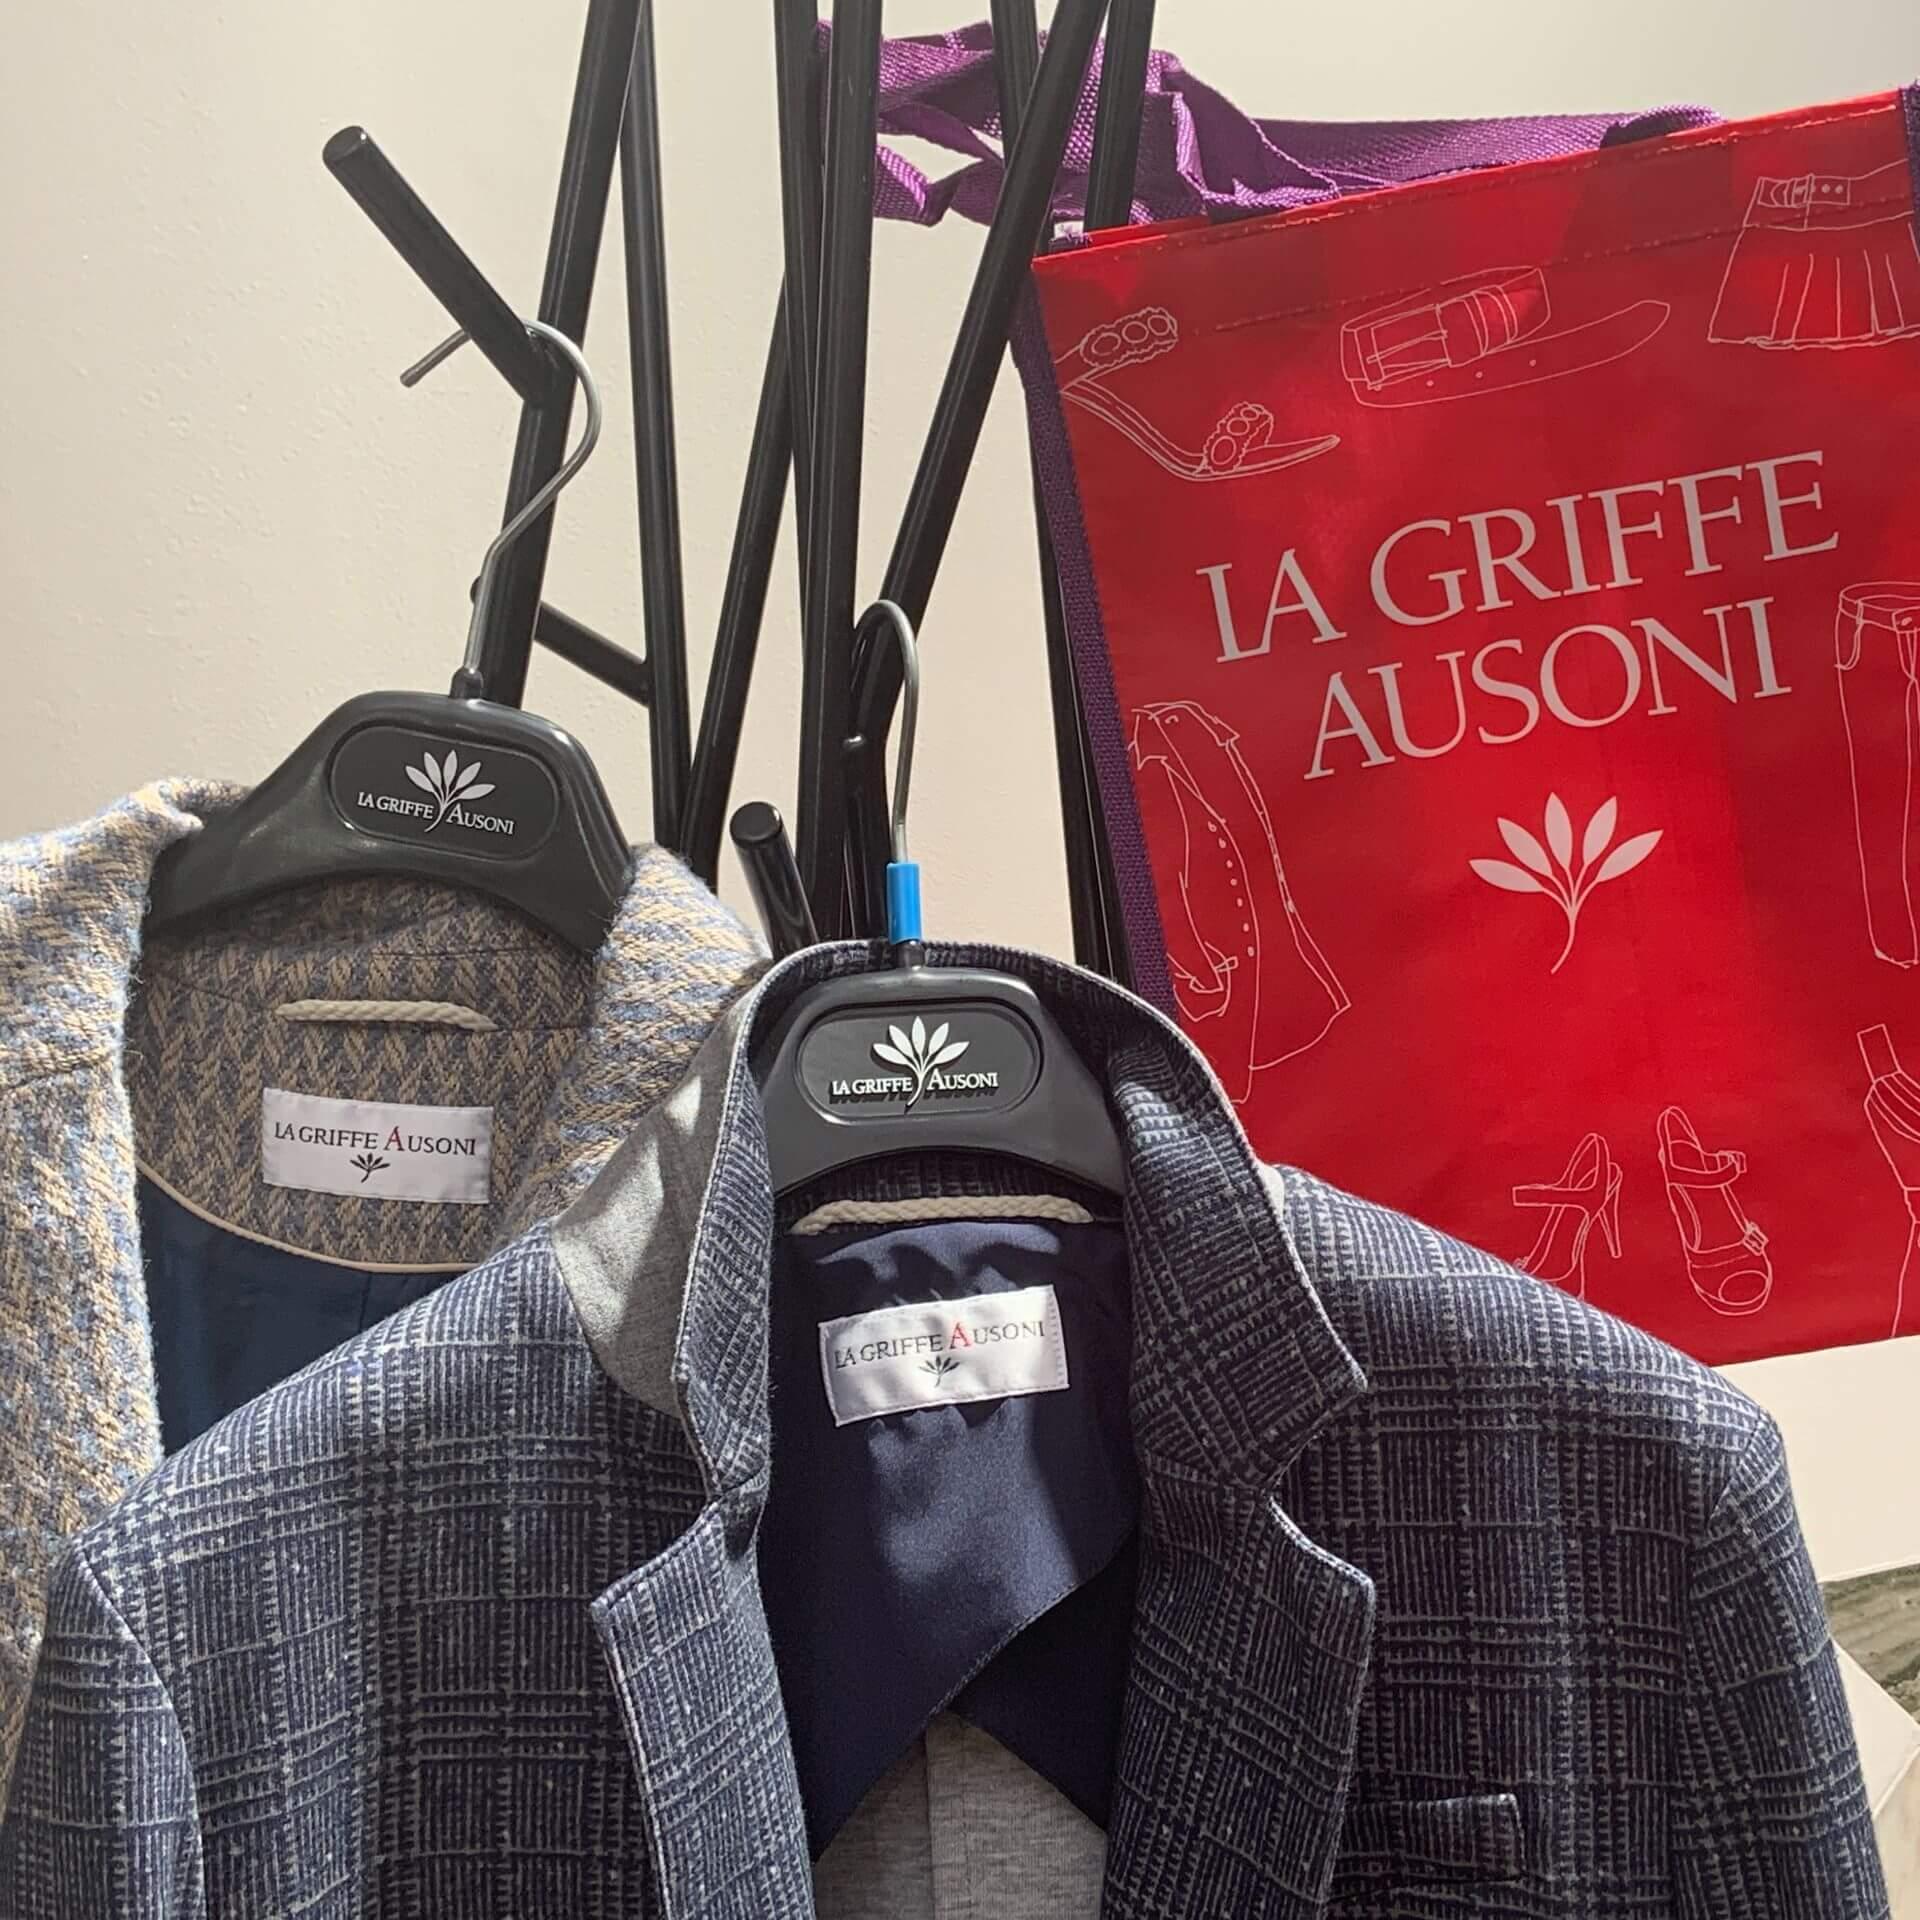 la-griffe-ausoni-lausanne-marque-la-griffe-ausoni-2